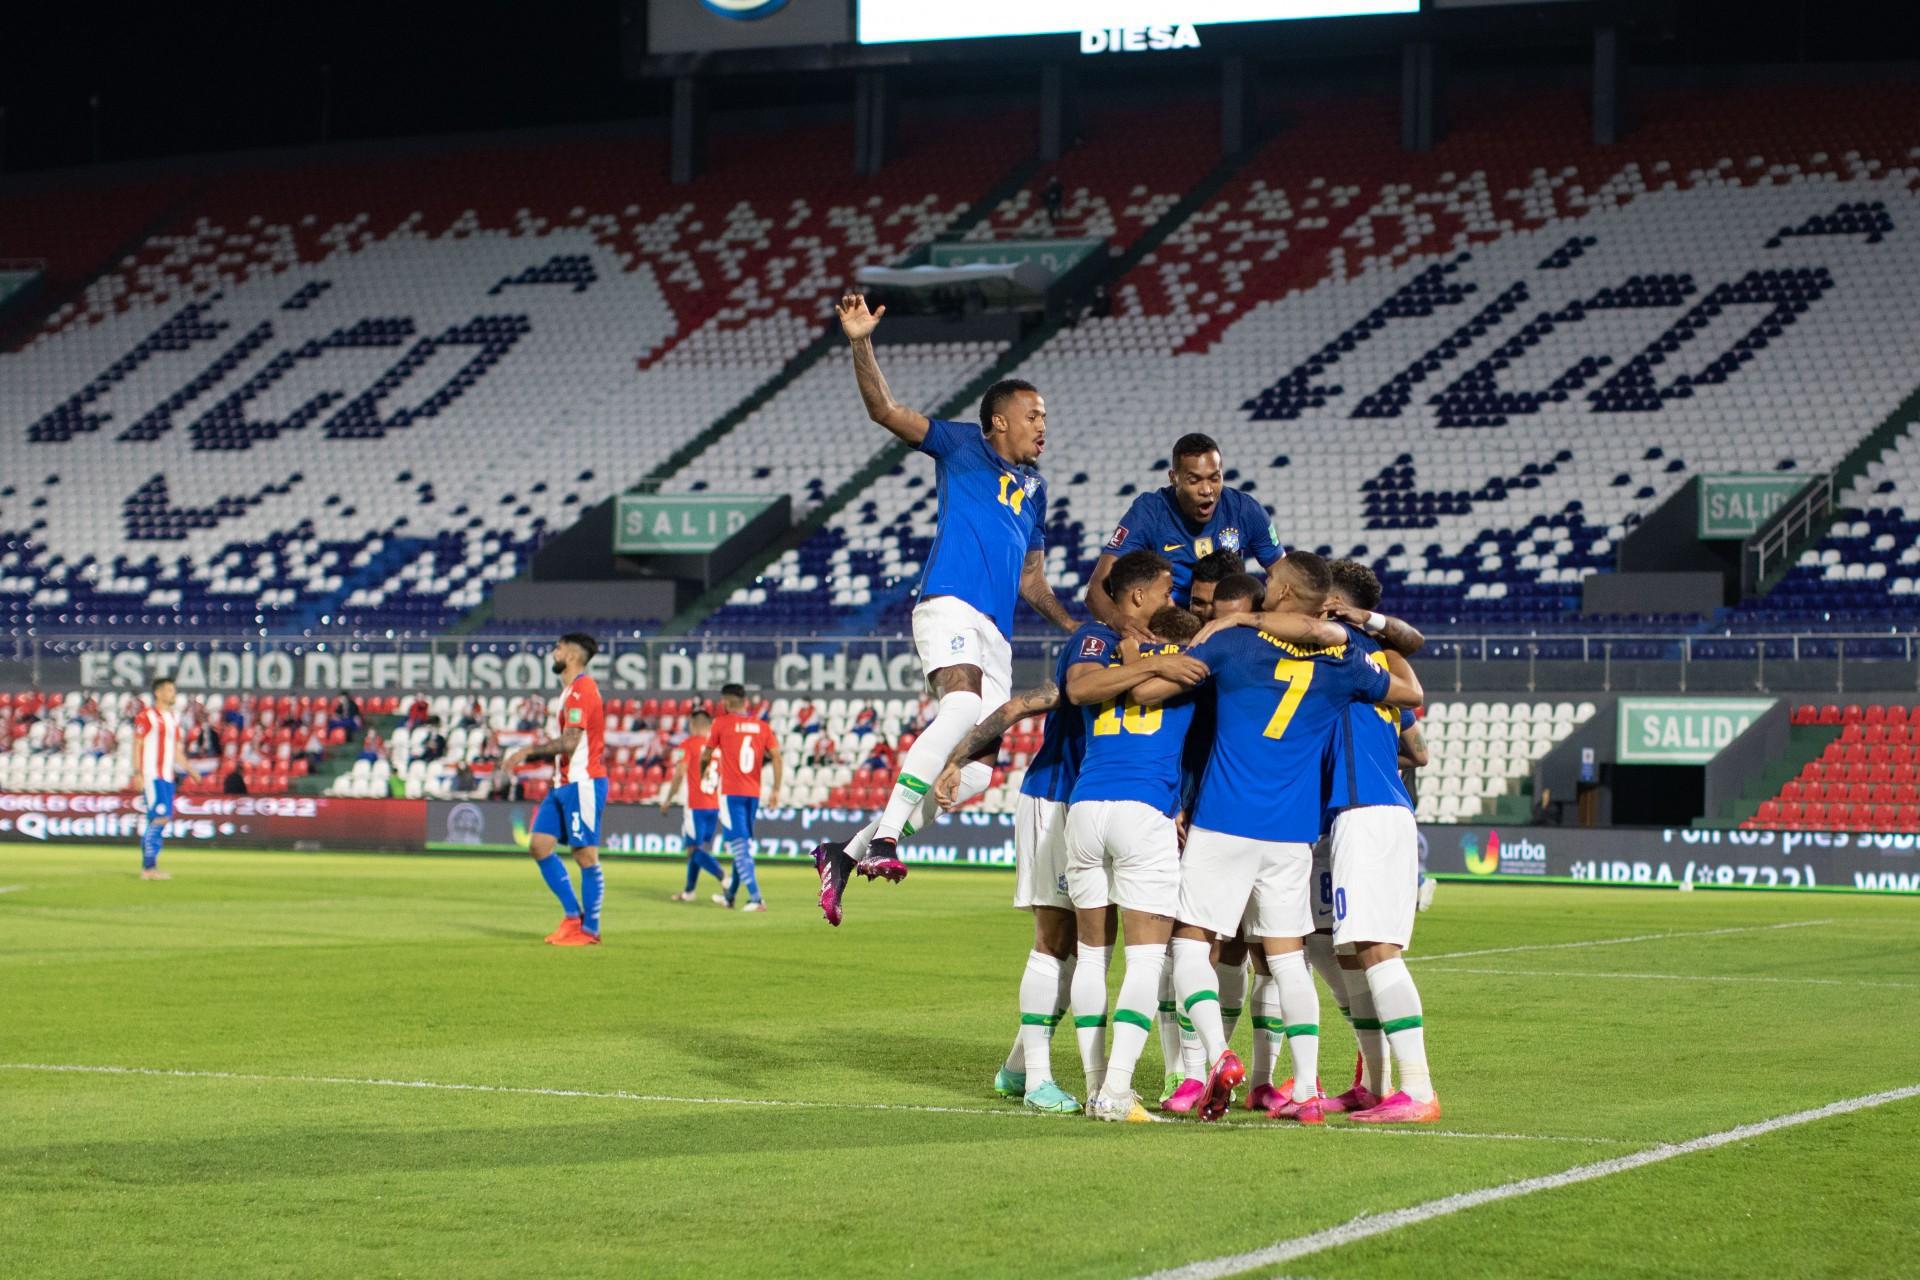 Brasil venceu o Paraguai em Assunção pela primeira vez em 35 anos